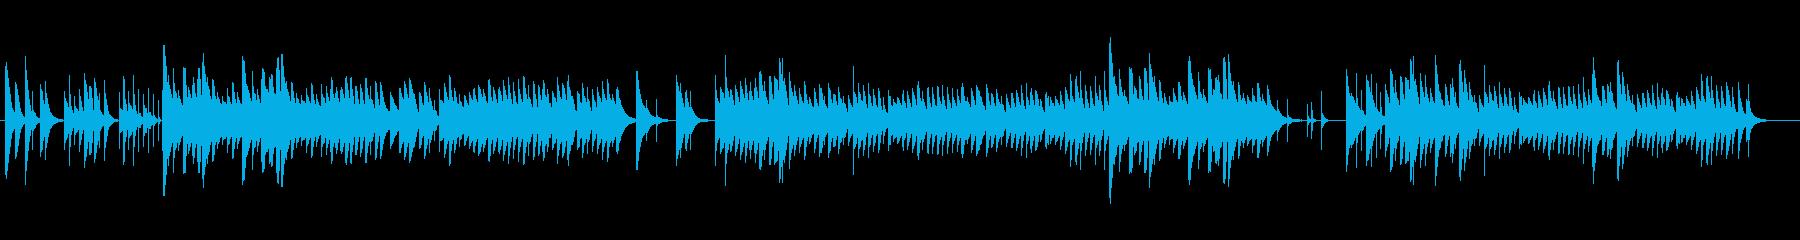 優しい安心感のあるオルゴールの曲の再生済みの波形